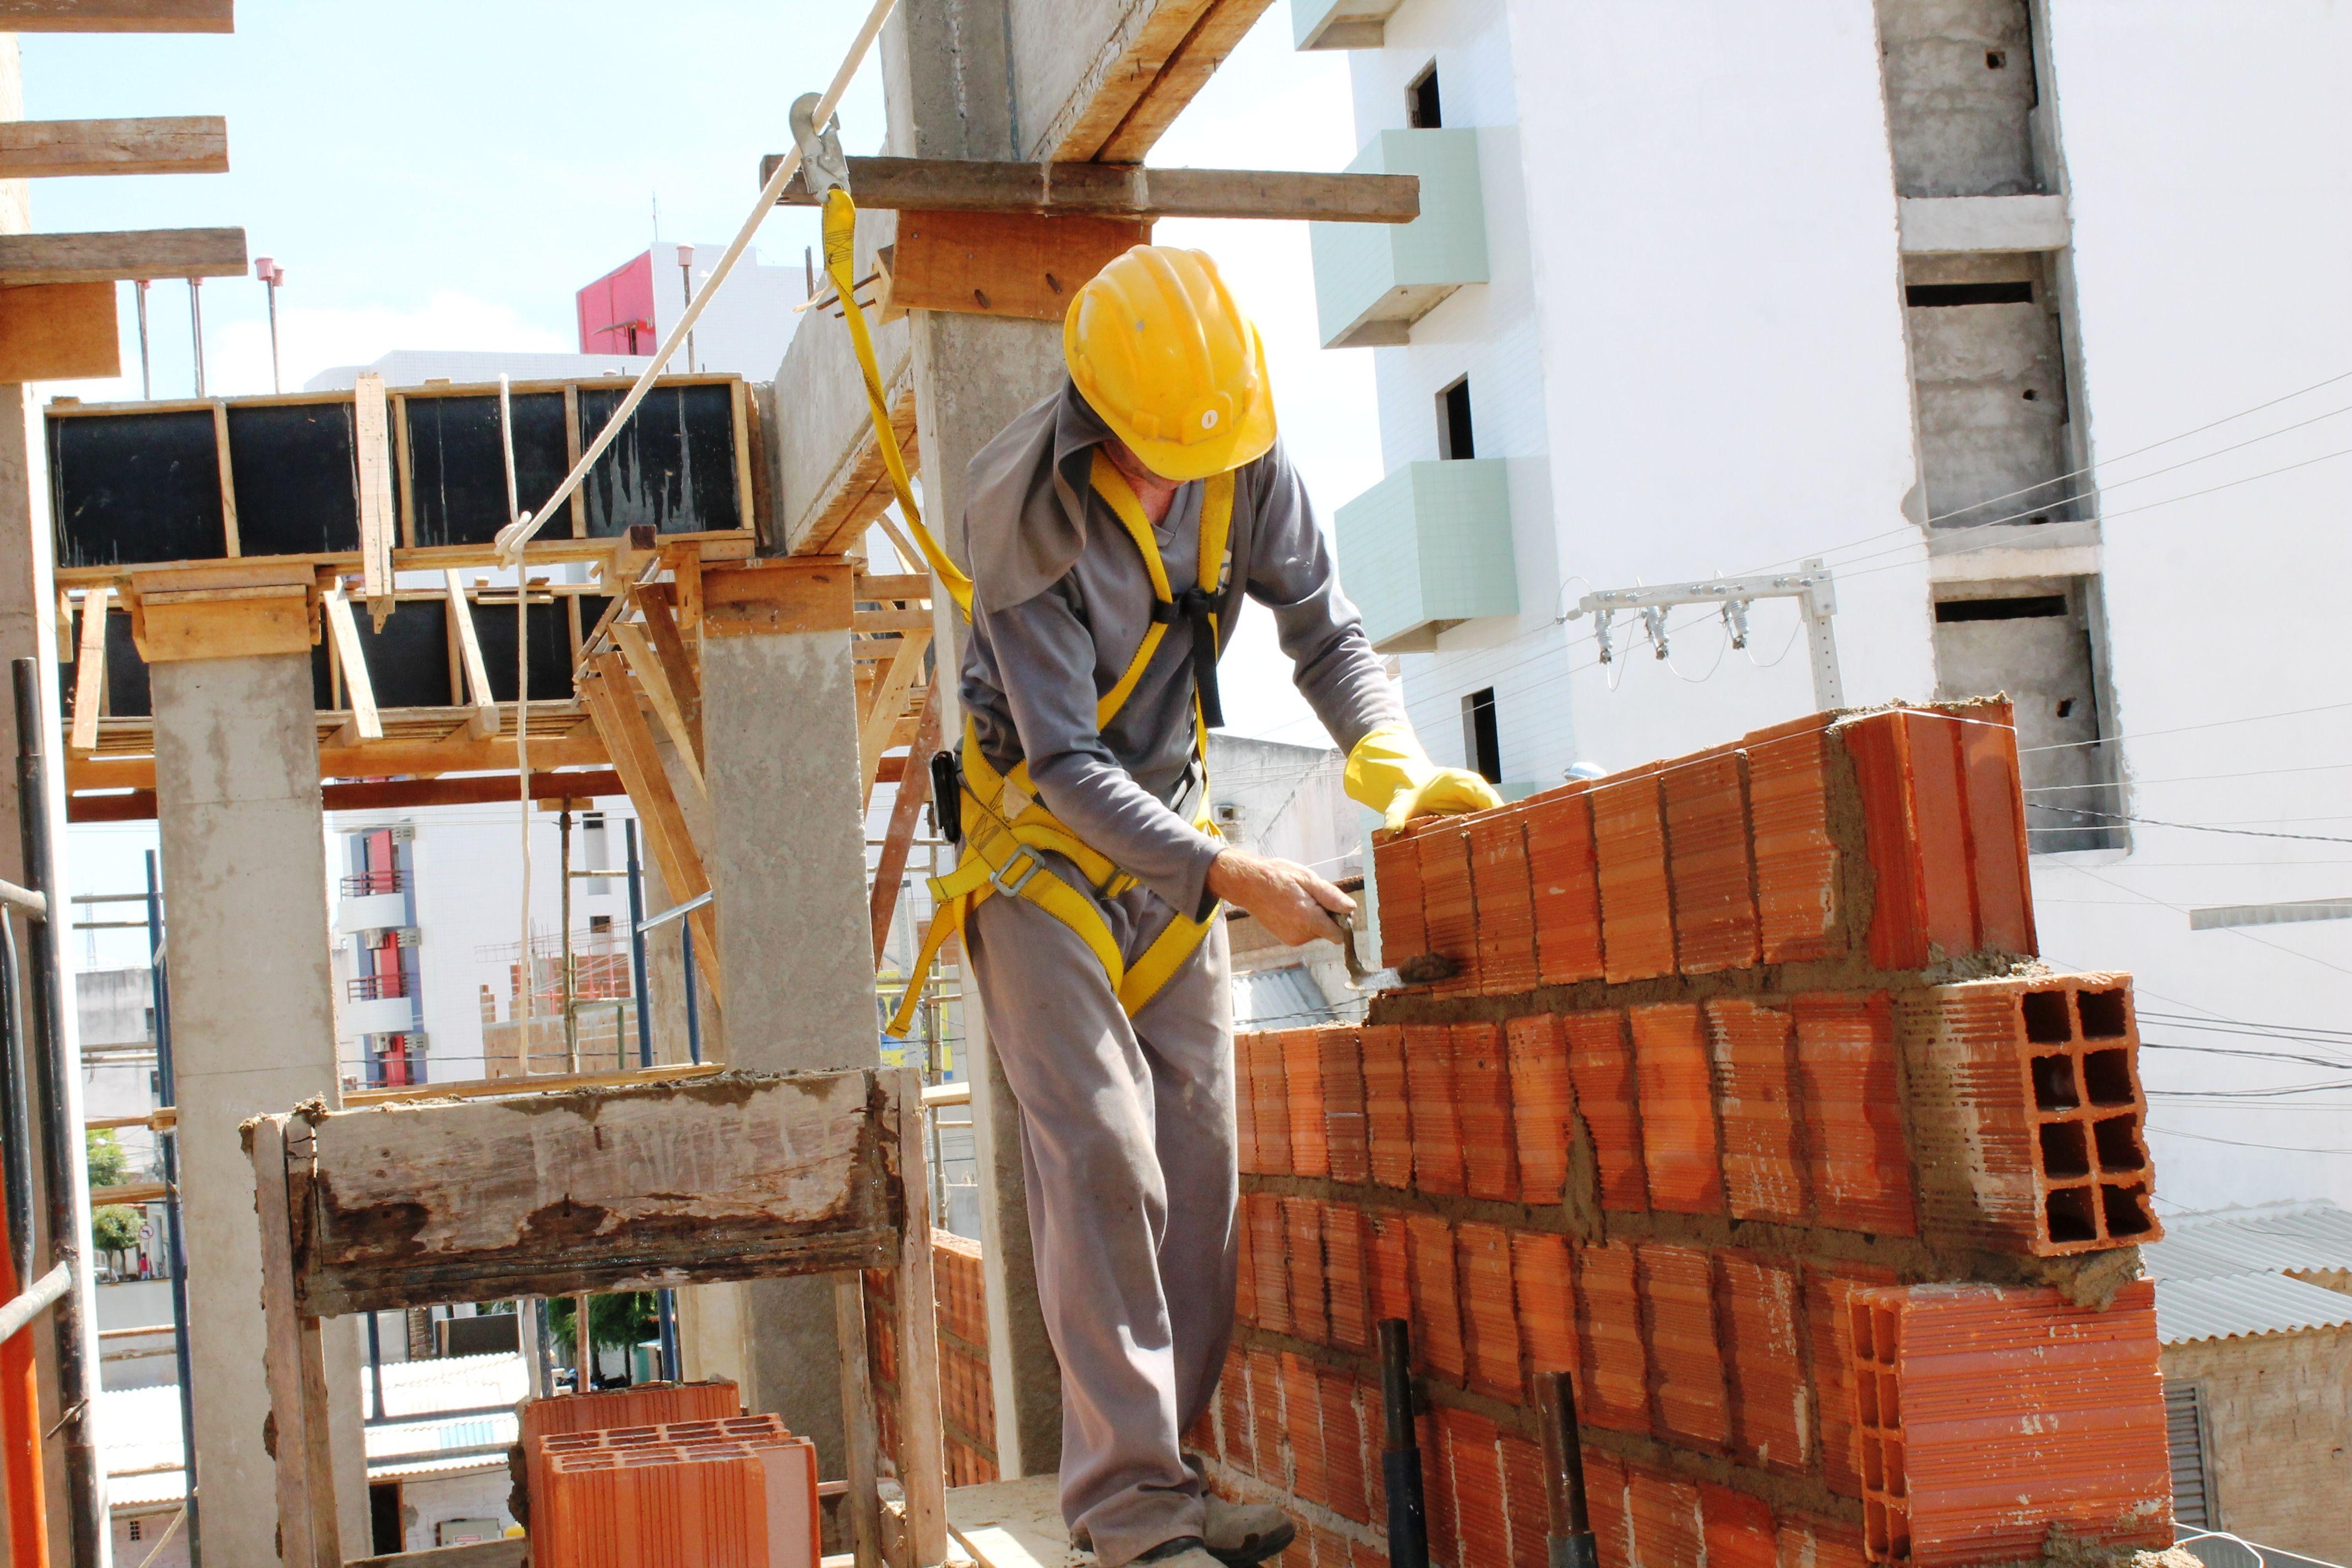 Empresa de constru o civil abriu vagas para grande obra - Material de obra ...